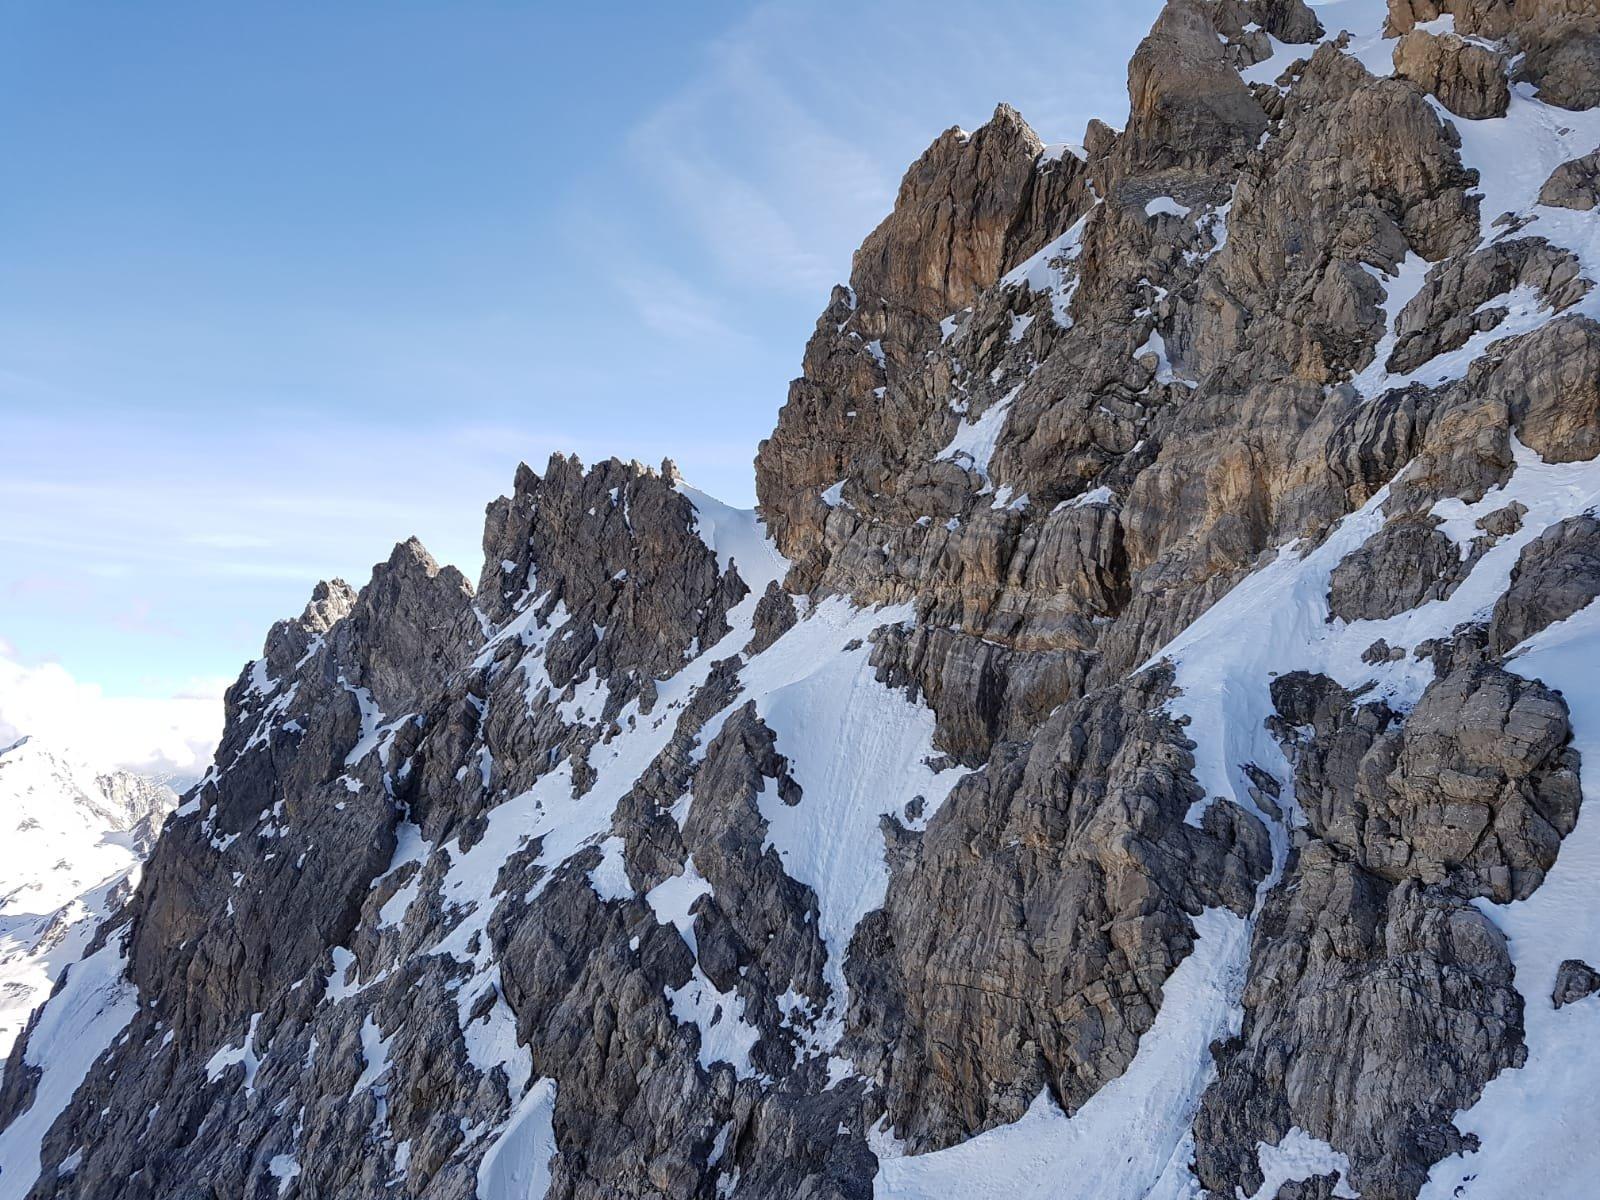 discesa per cenge e nevai dal colletto precedente il Mourjean, fotografato dal punto in cui si interseca la via normale al Brec di Chambeyron